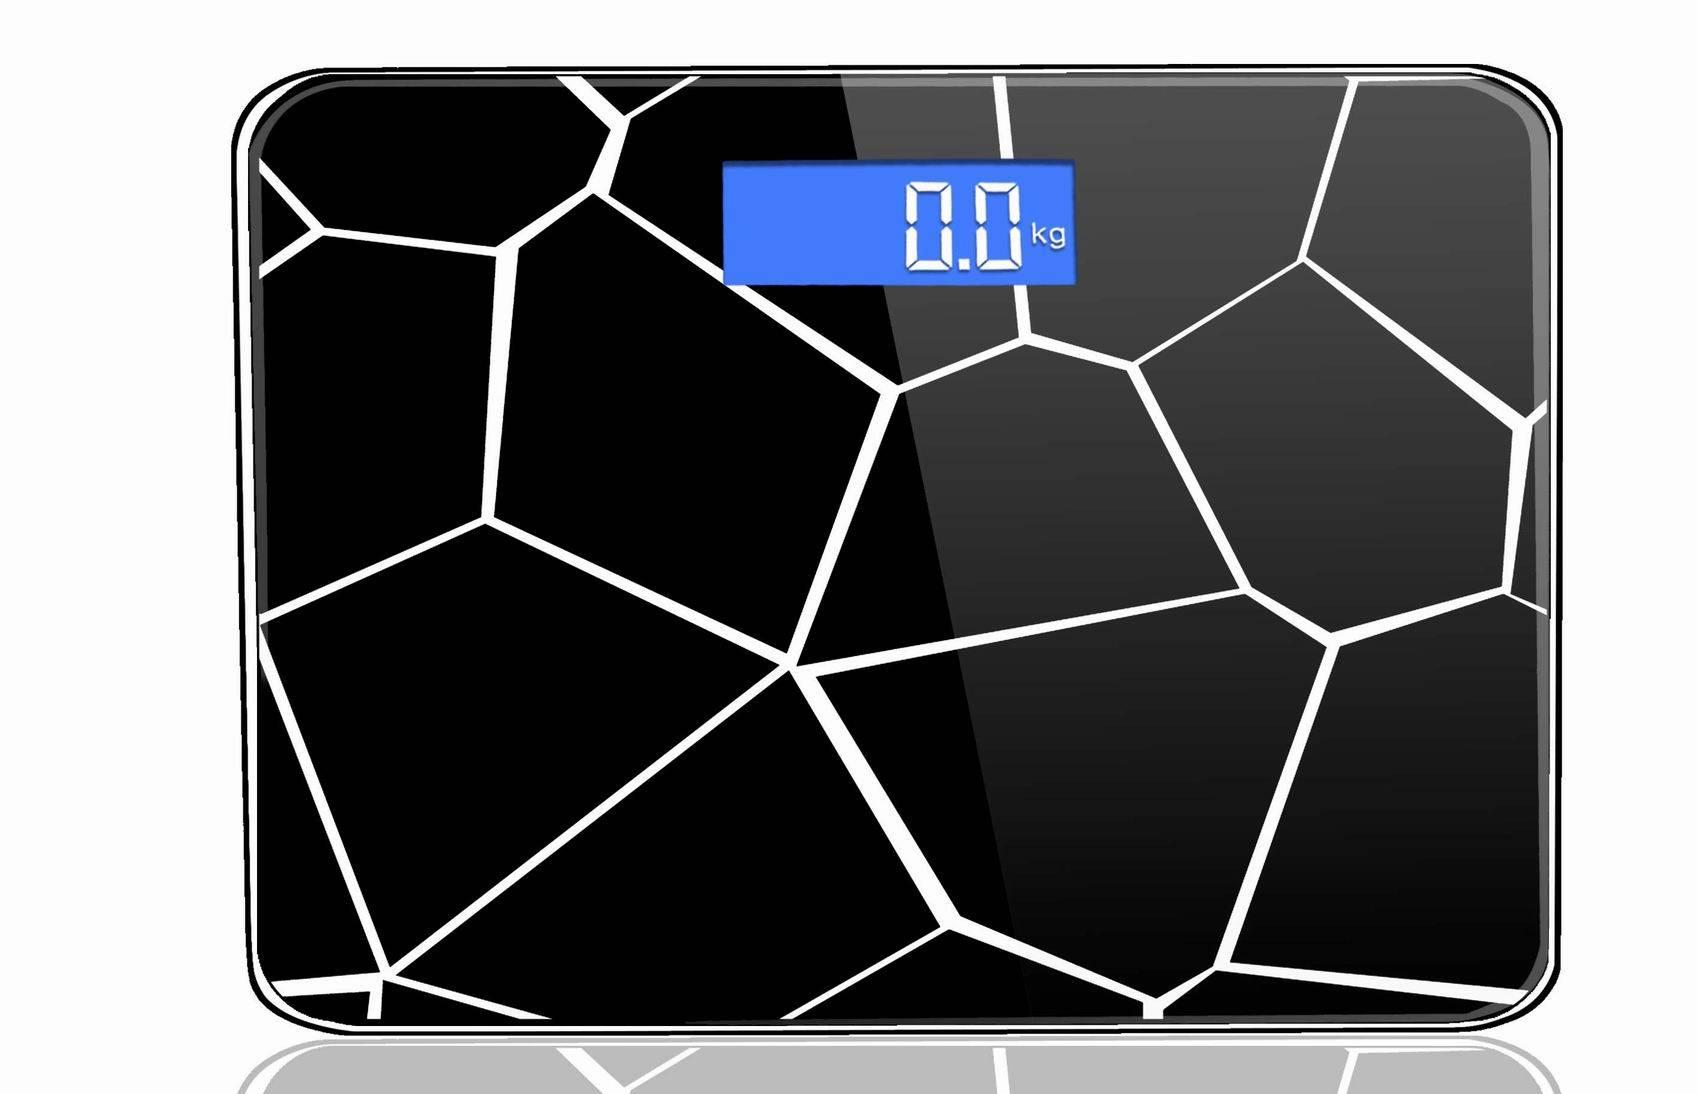 Water-cube Household Bathroom Digital Weighing Scale VBS129